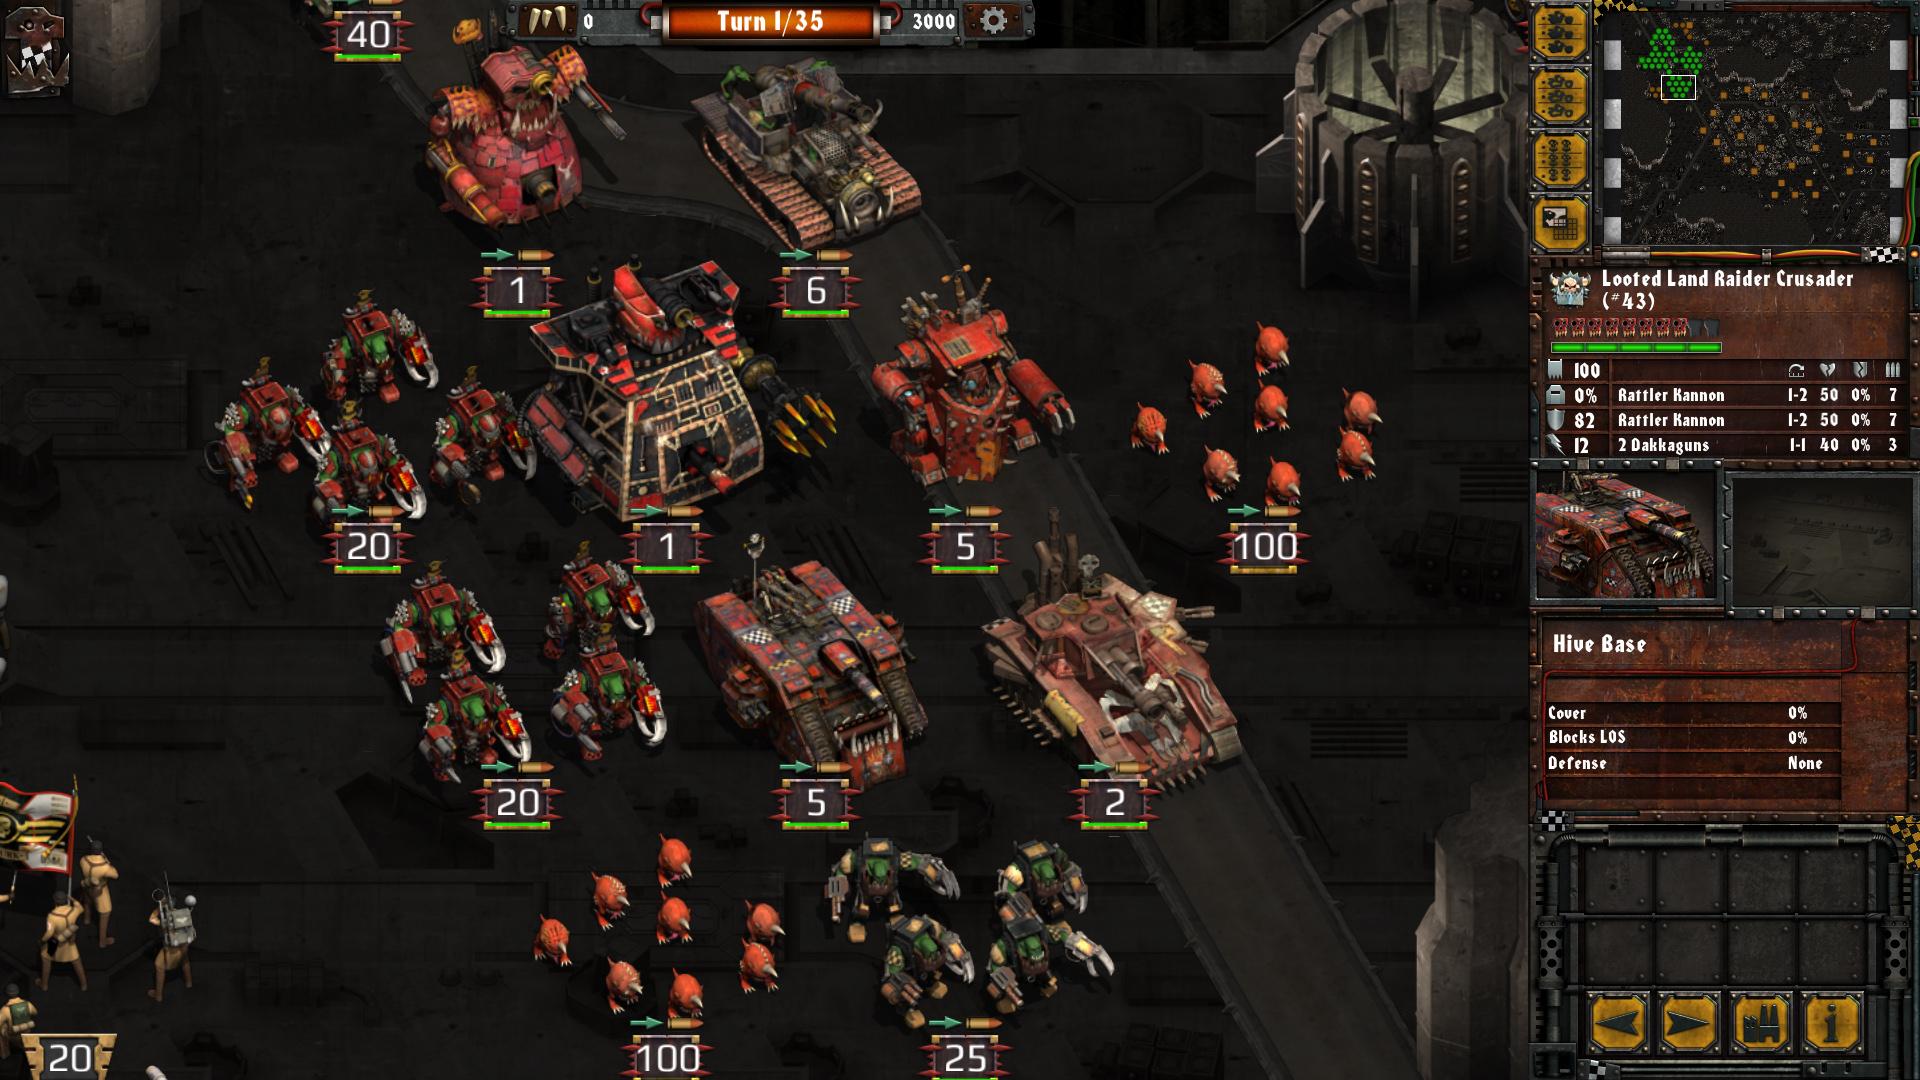 Warhammer 40,000: Armageddon - Da Orks Screenshot 2